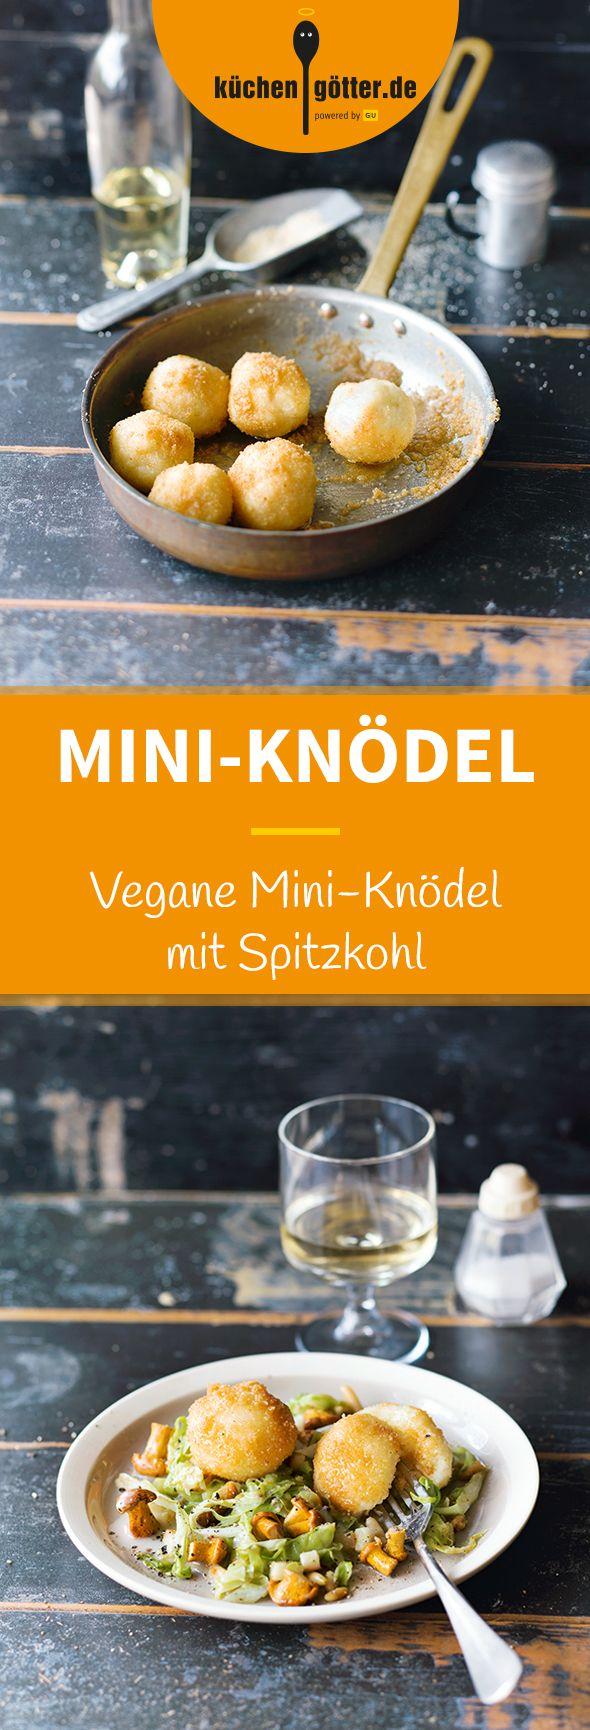 MINI-KARTOFFELKNÖDEL MIT SPITZKOHL - Mini-Knödel, maxi Genuss! Die Knödel werden in diesem Rezept mit einer feinen, veganen Sauce aus Spitzkohl und Pfifferlingen zubereitet. Wer da nicht zugreift, ist selber Schuld.